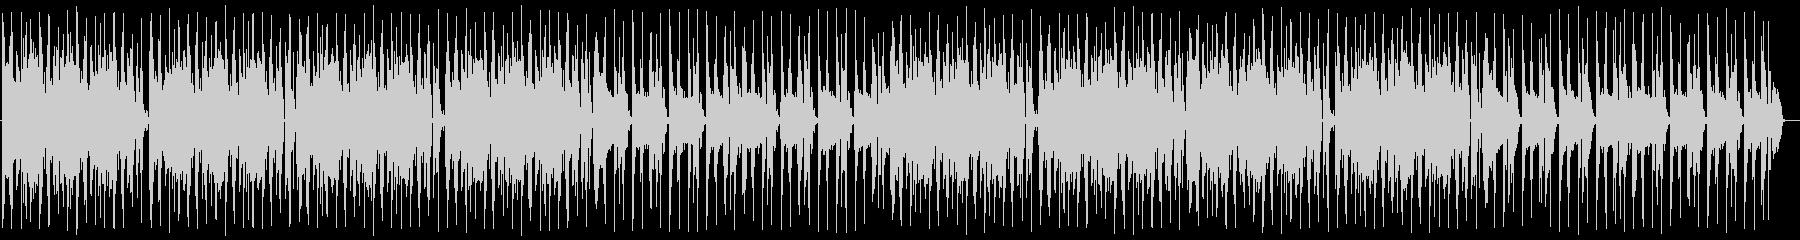 怪しい/生演奏/R&B_No540_2の未再生の波形